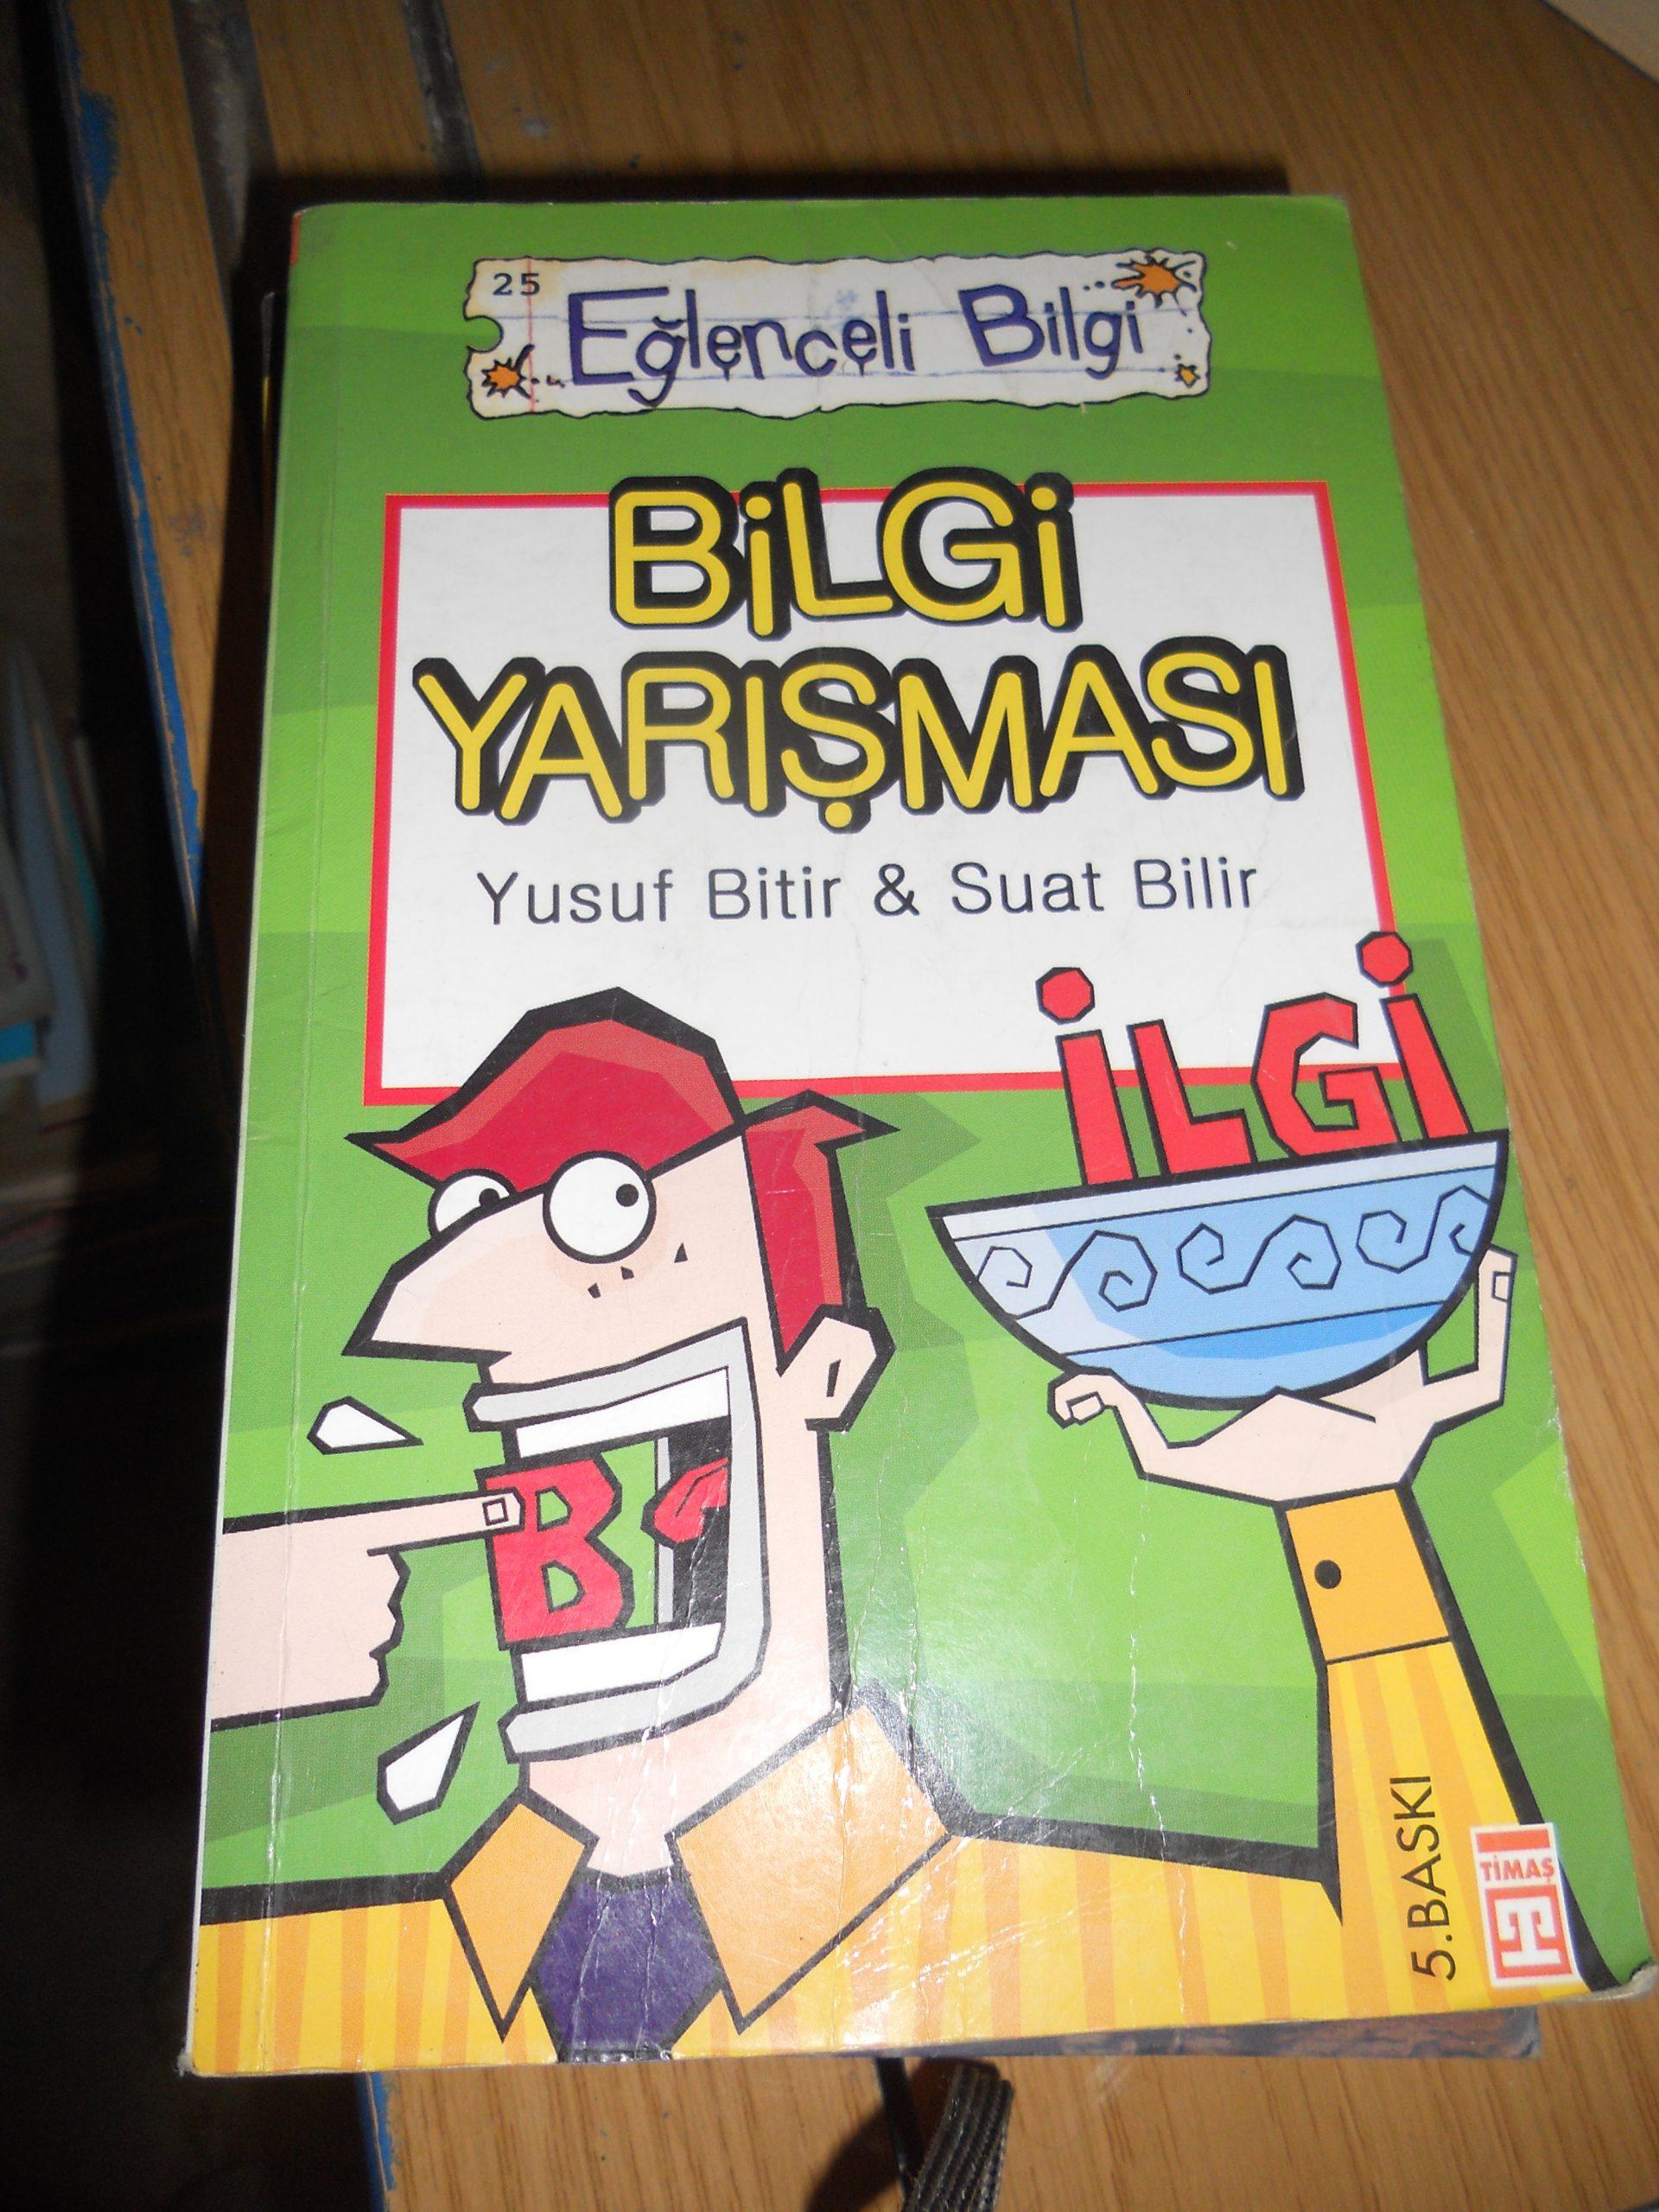 Eğlenceli Bilgi-BİLGİ YARIŞMASI/Yusuf Bitir&Suat Bilir/10 TL